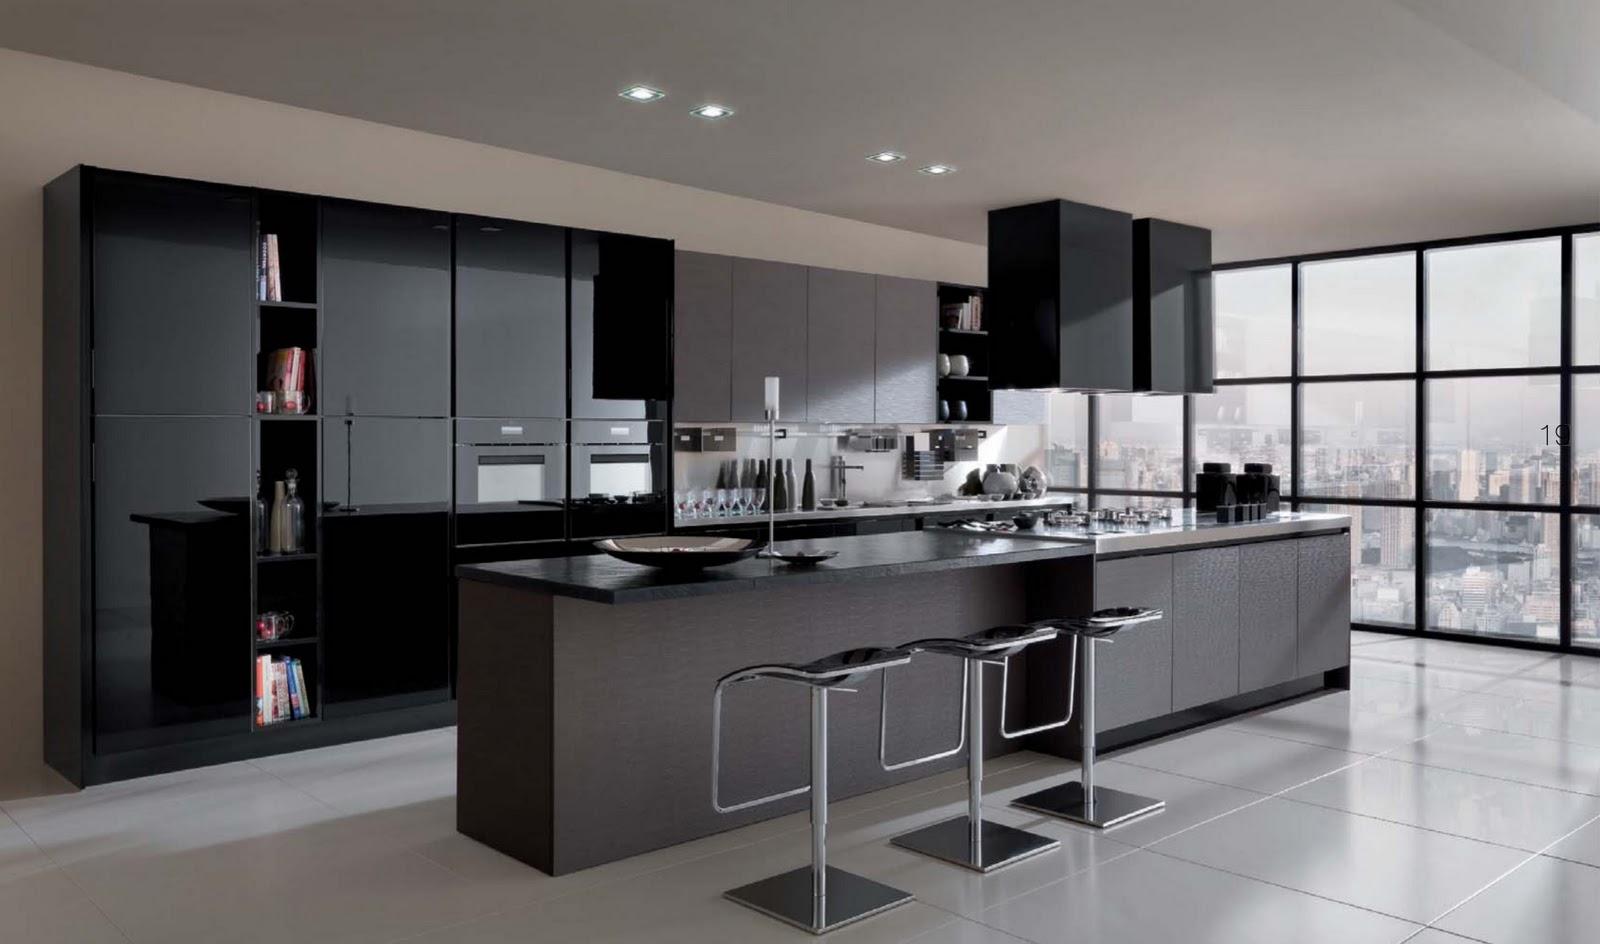 Fotos de cocinas minimalistas Fotos de cocina